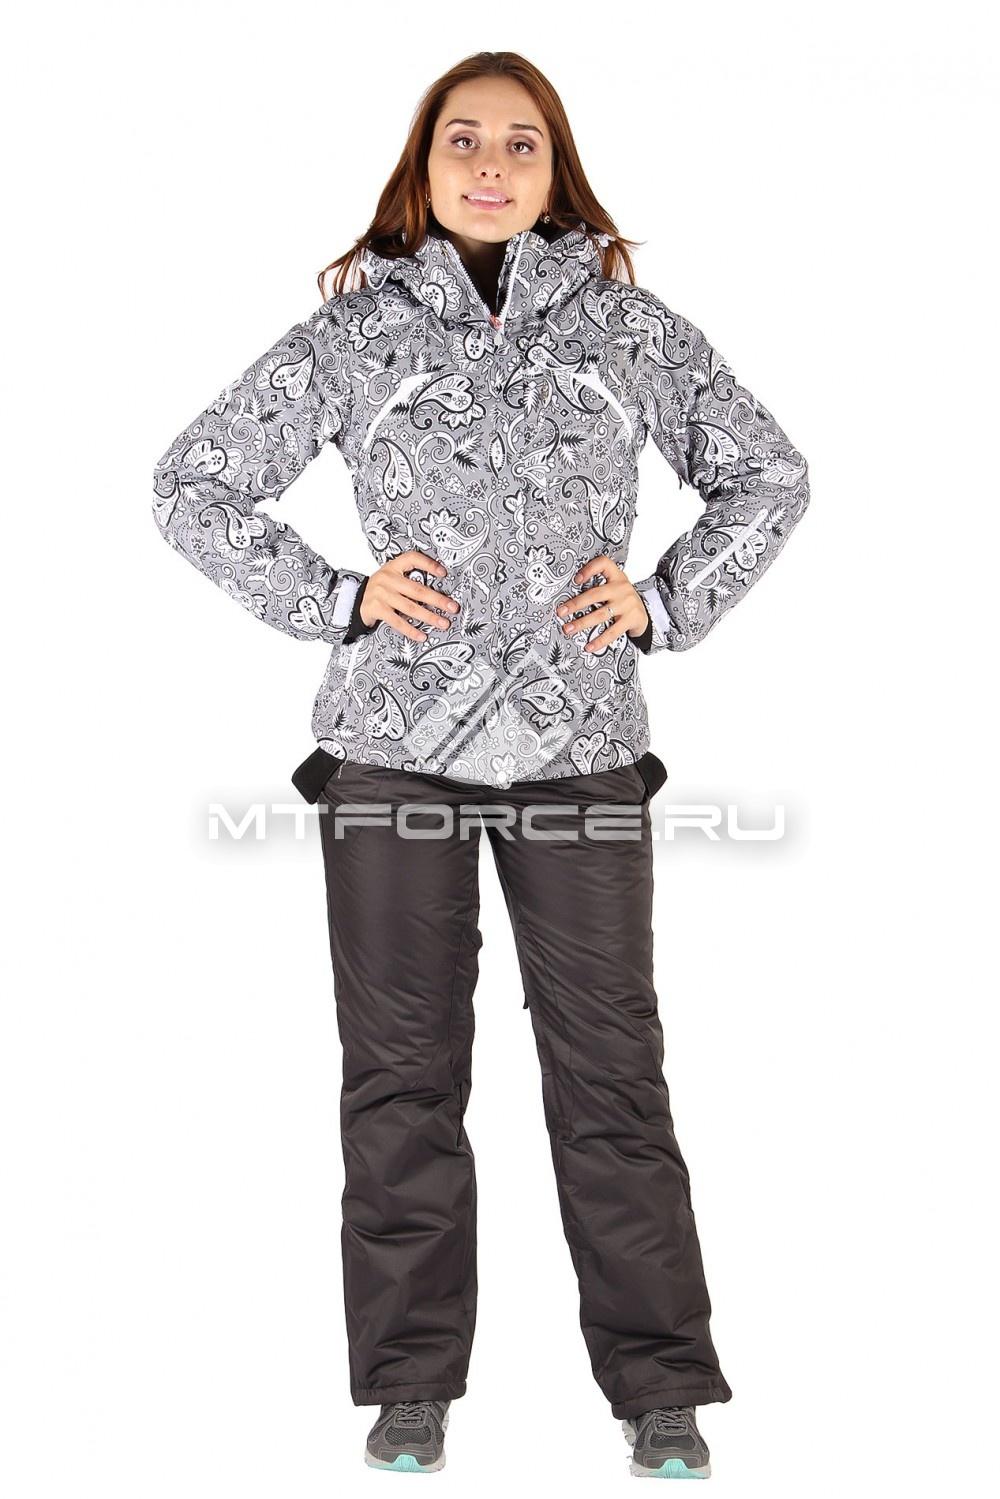 Купить                                  оптом Костюм горнолыжный женский серого цвета 01433Sr